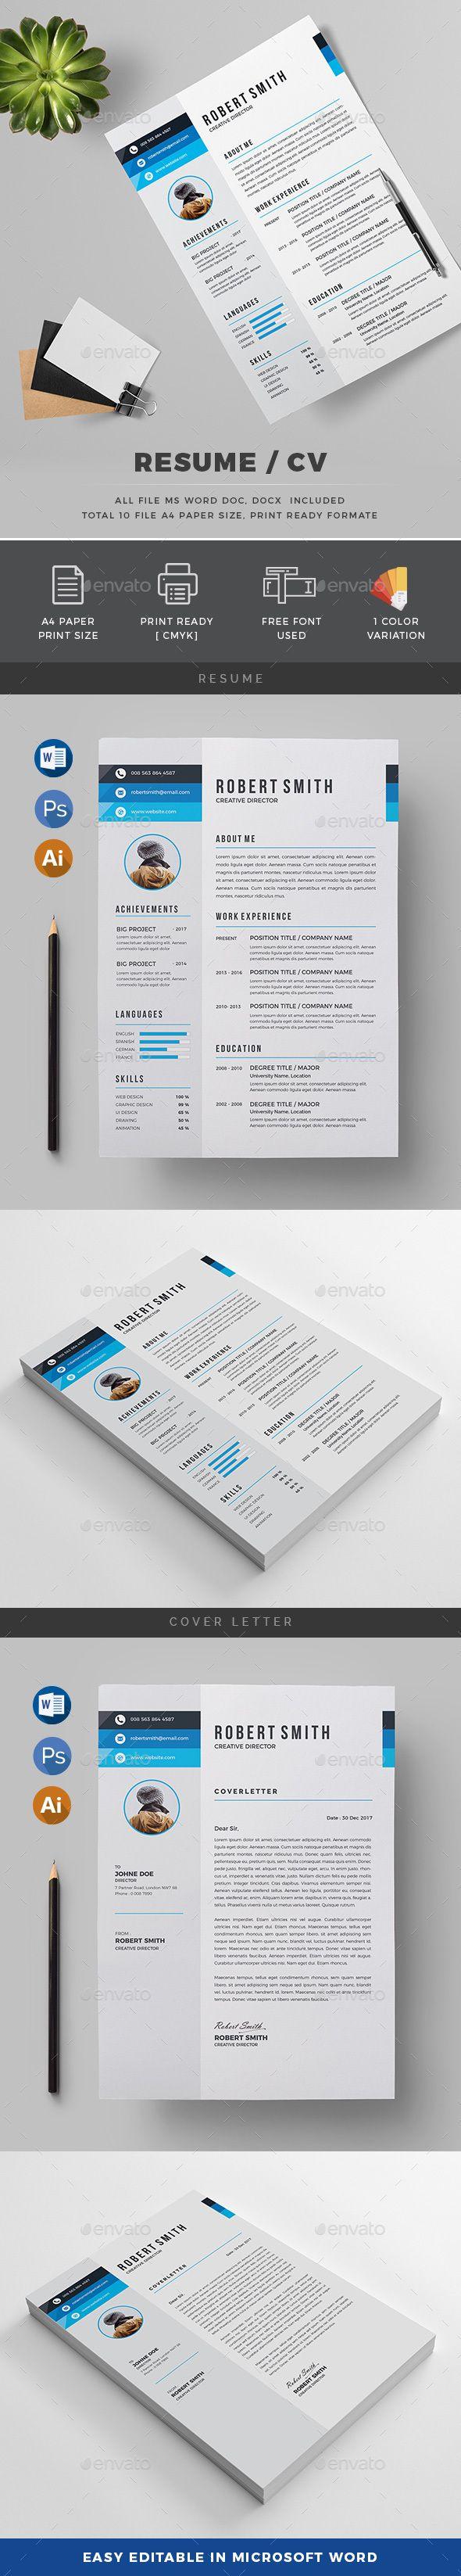 Resume CV 1552 best Resume Design images